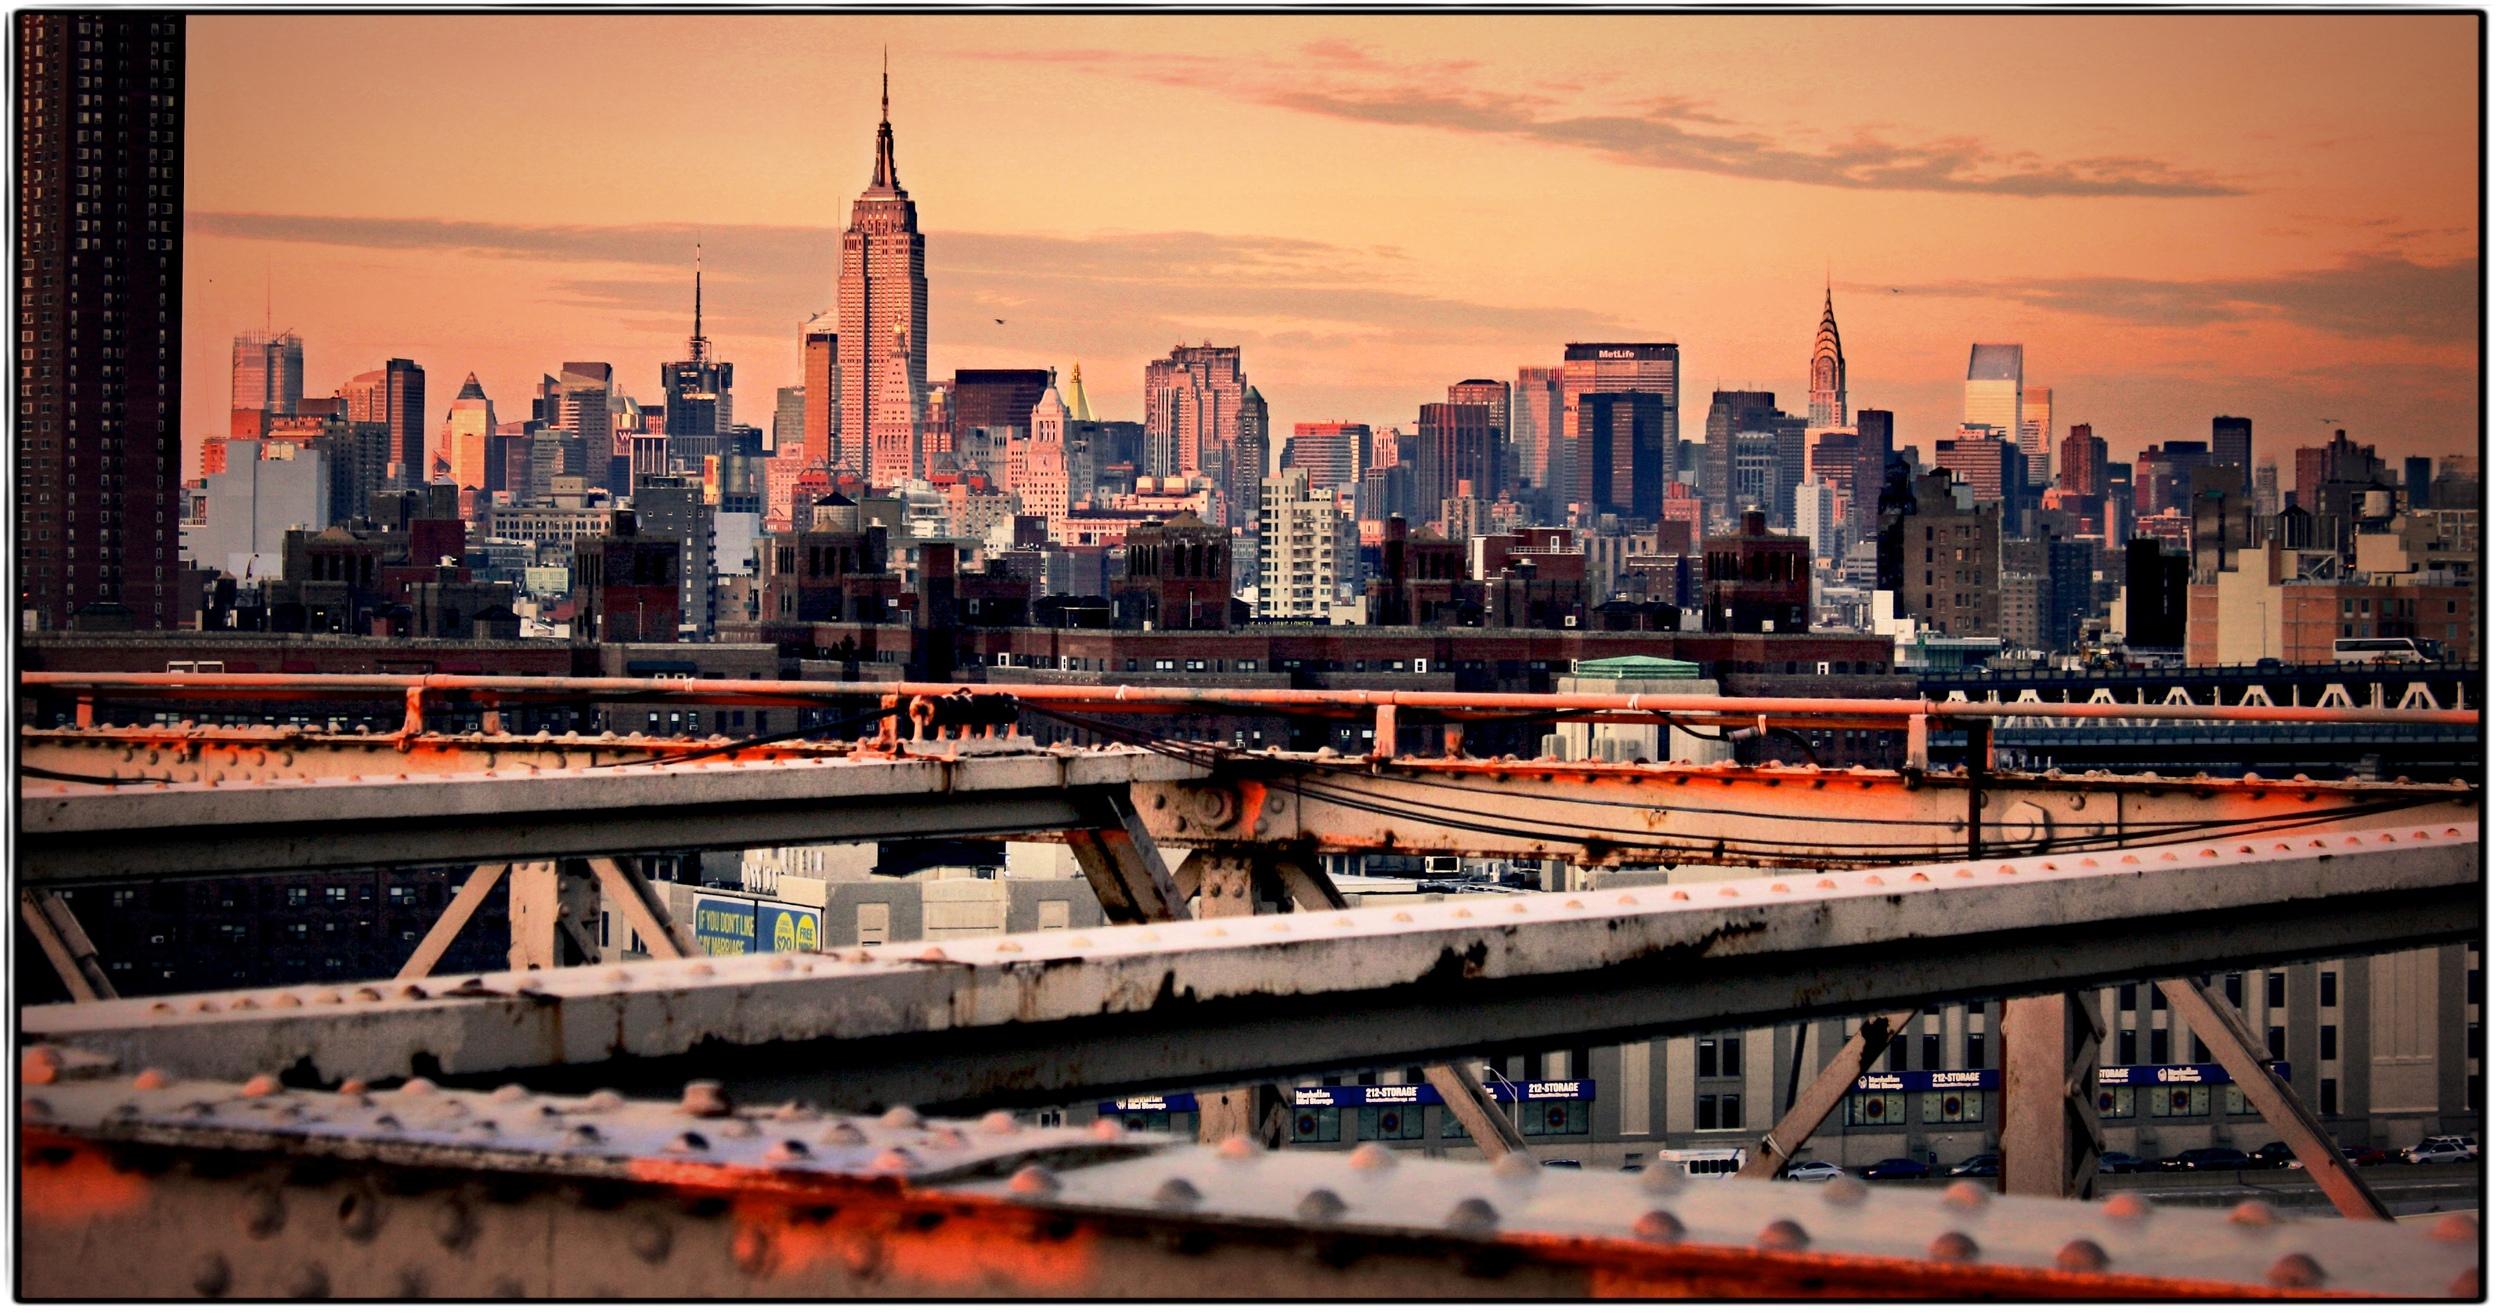 BrooklynBridge1.1.jpg